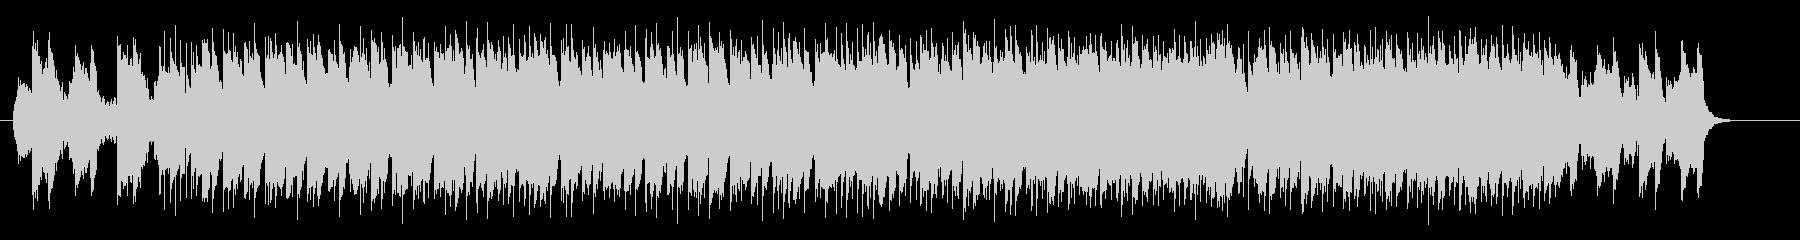 ファンキーでエキサイティングなロックの未再生の波形